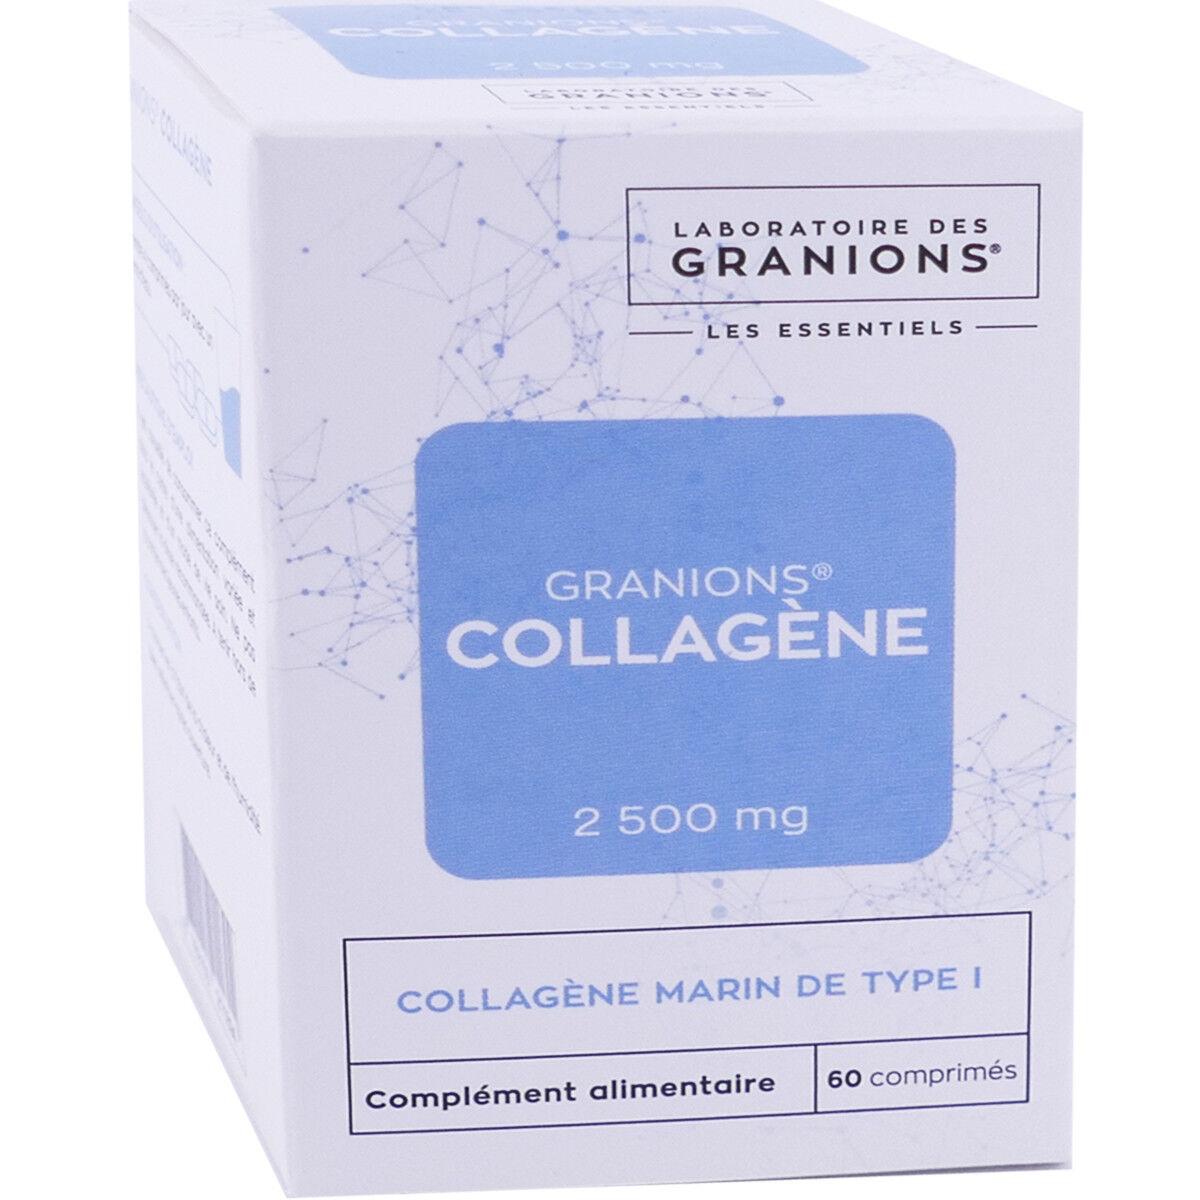 Granions collagene marin 2500mg 60 comprimes